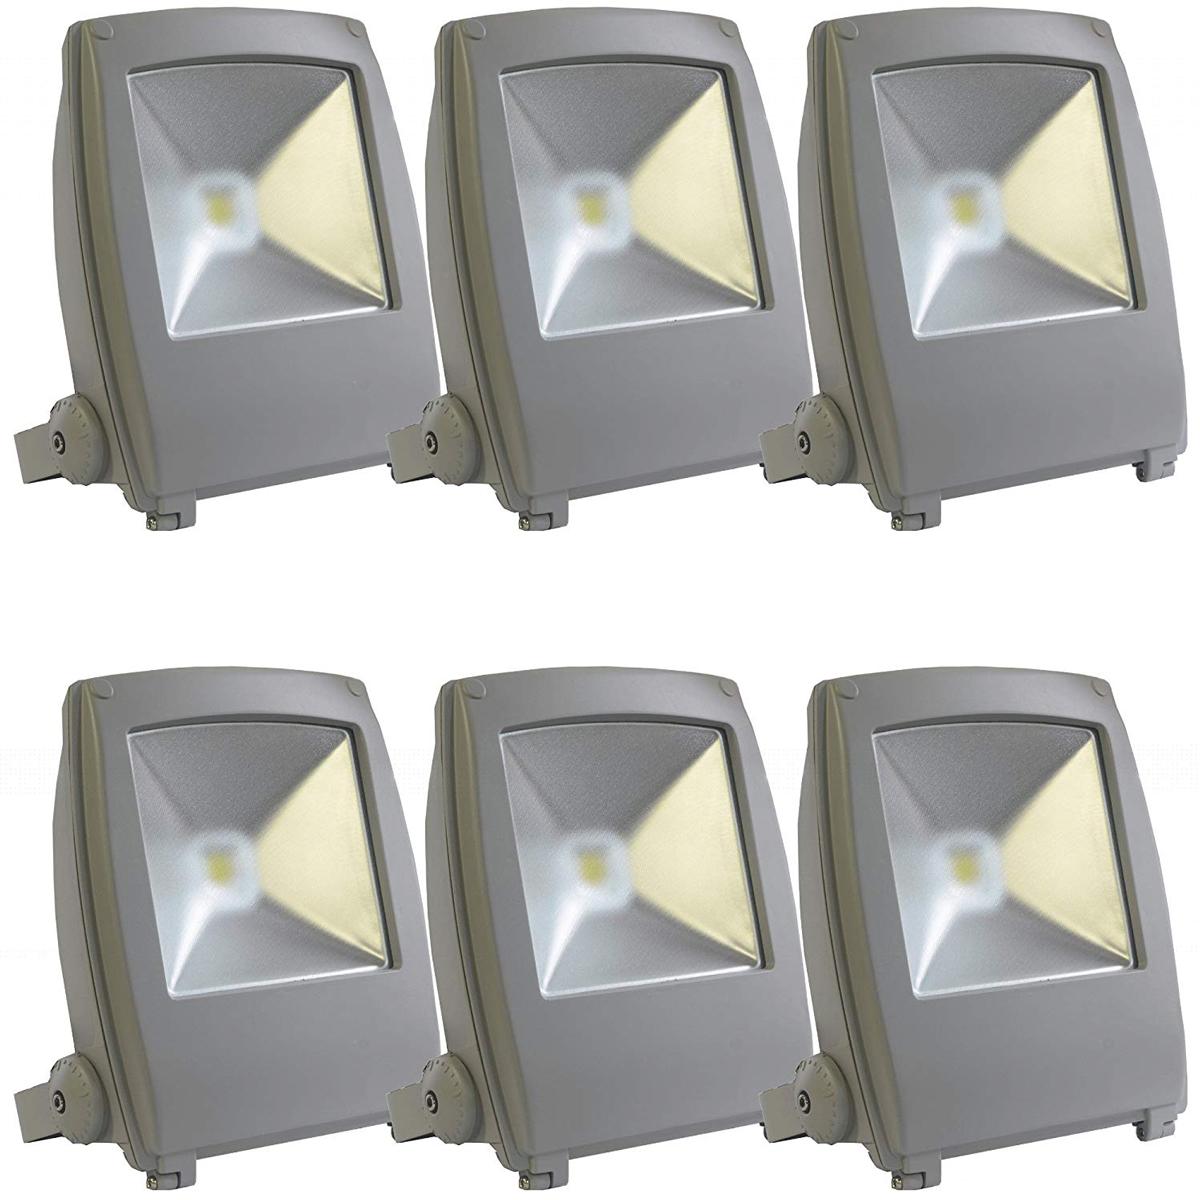 【6個セット】LED投光器 50W 500W相当 フラットタイプ 昼光色 作業灯 集魚灯 防犯 送料無料 A42Y50BSET6